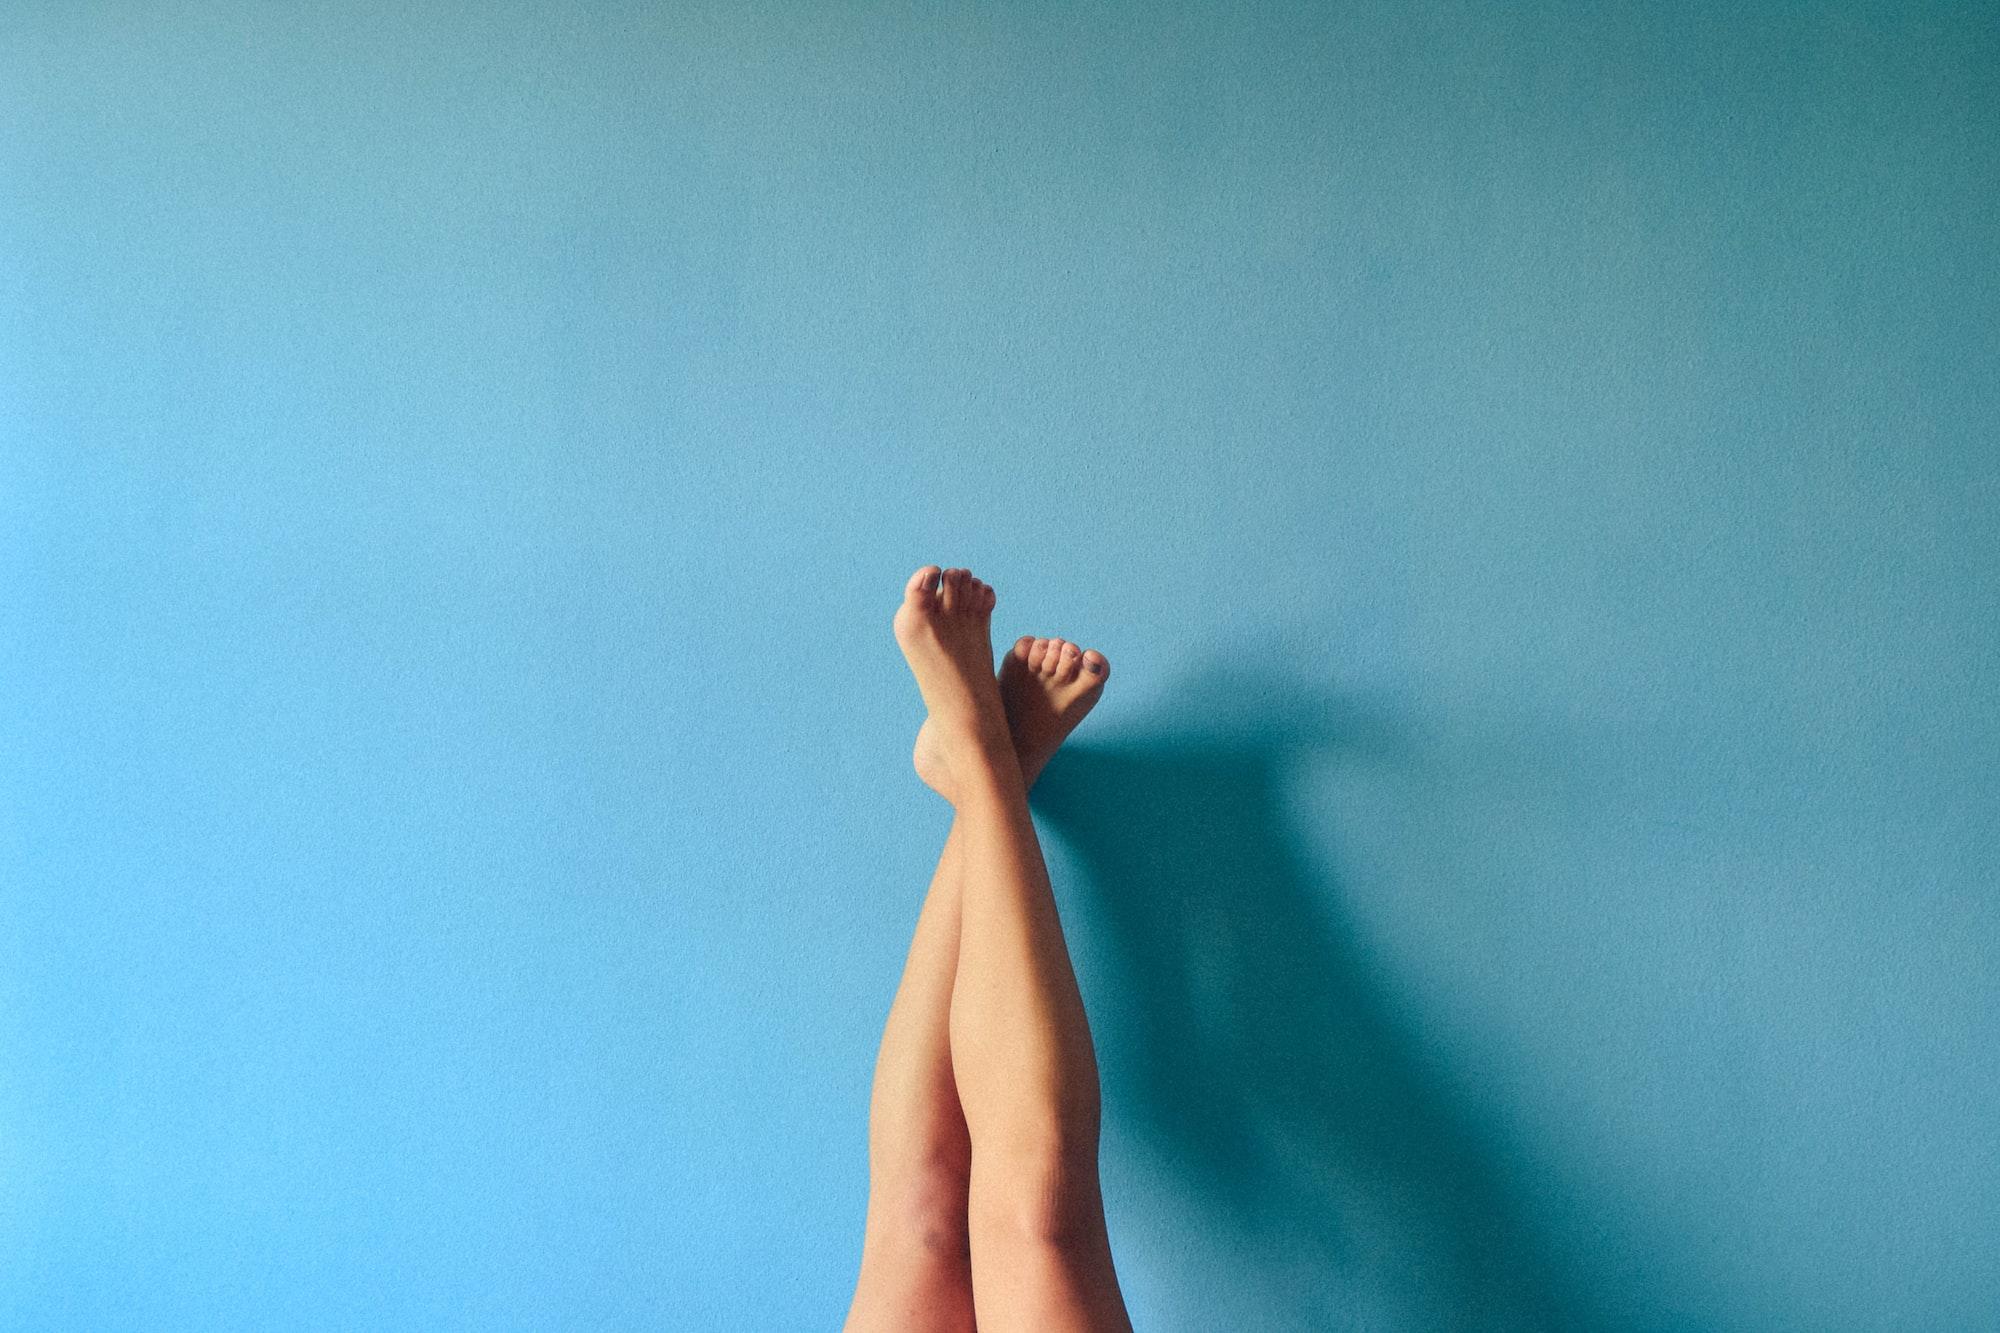 다리가 퉁퉁 붓고 핏줄이 구불 구불! [하지정맥류]를 의심하세요!